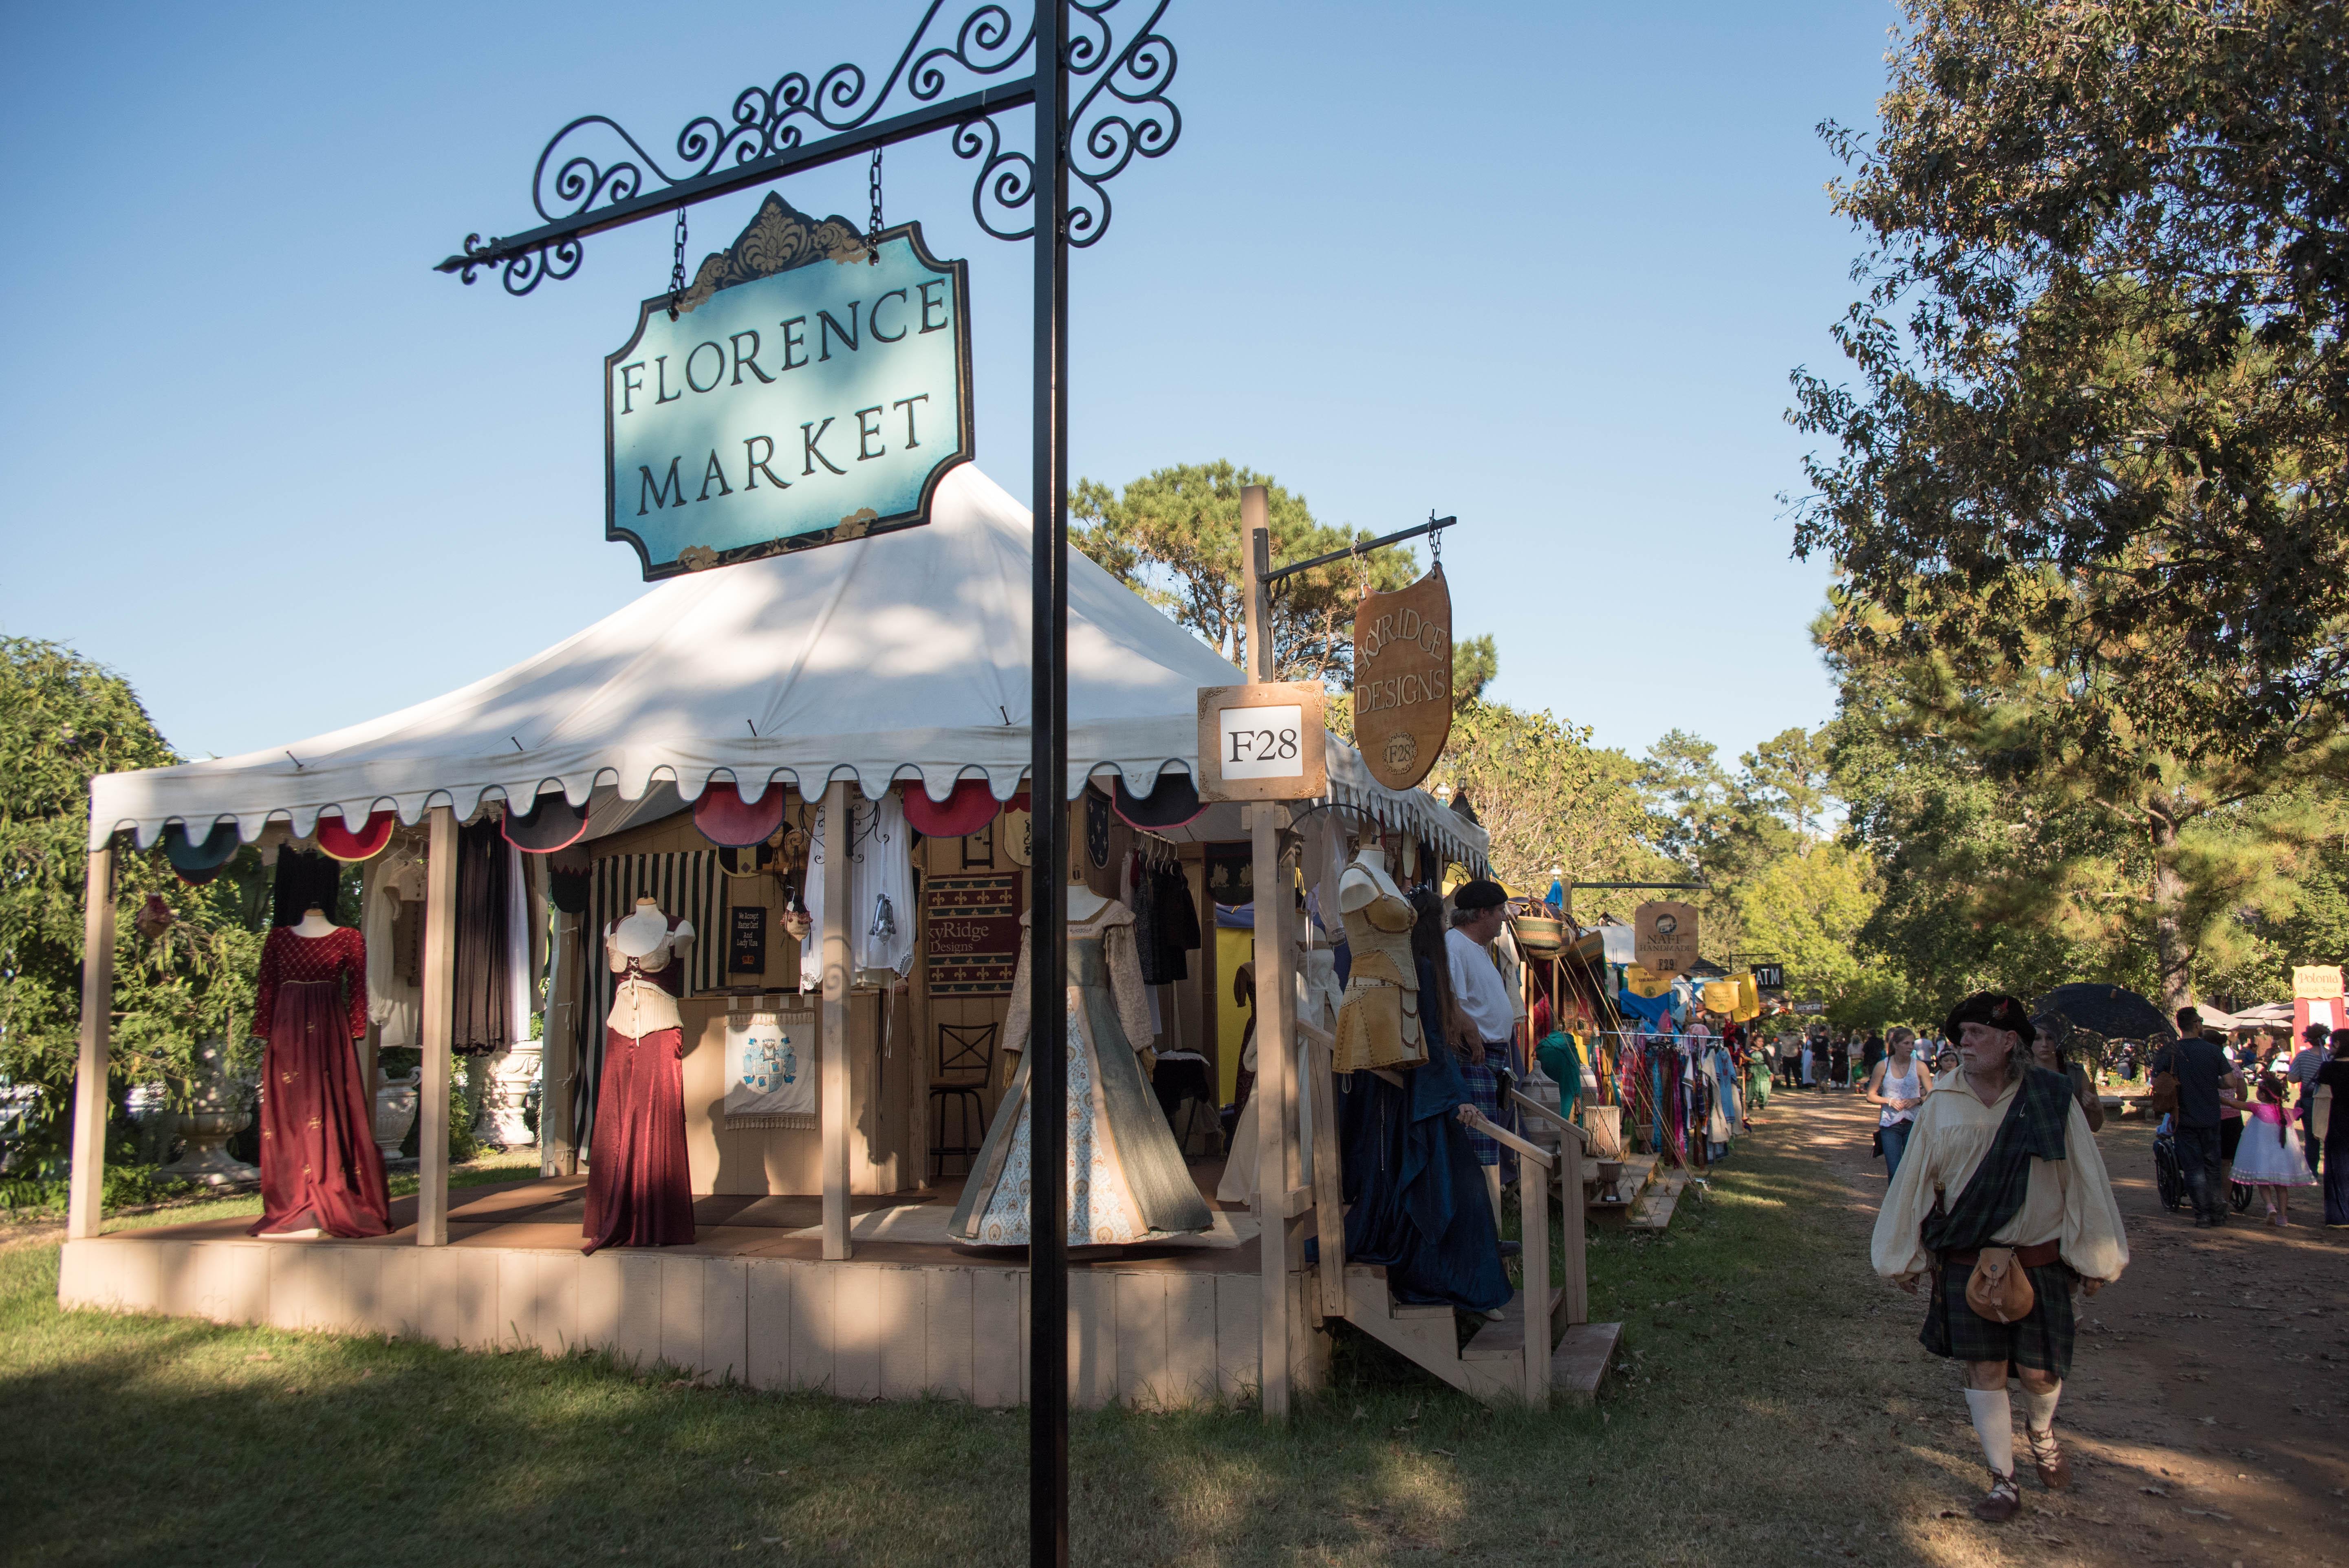 renfest florence market